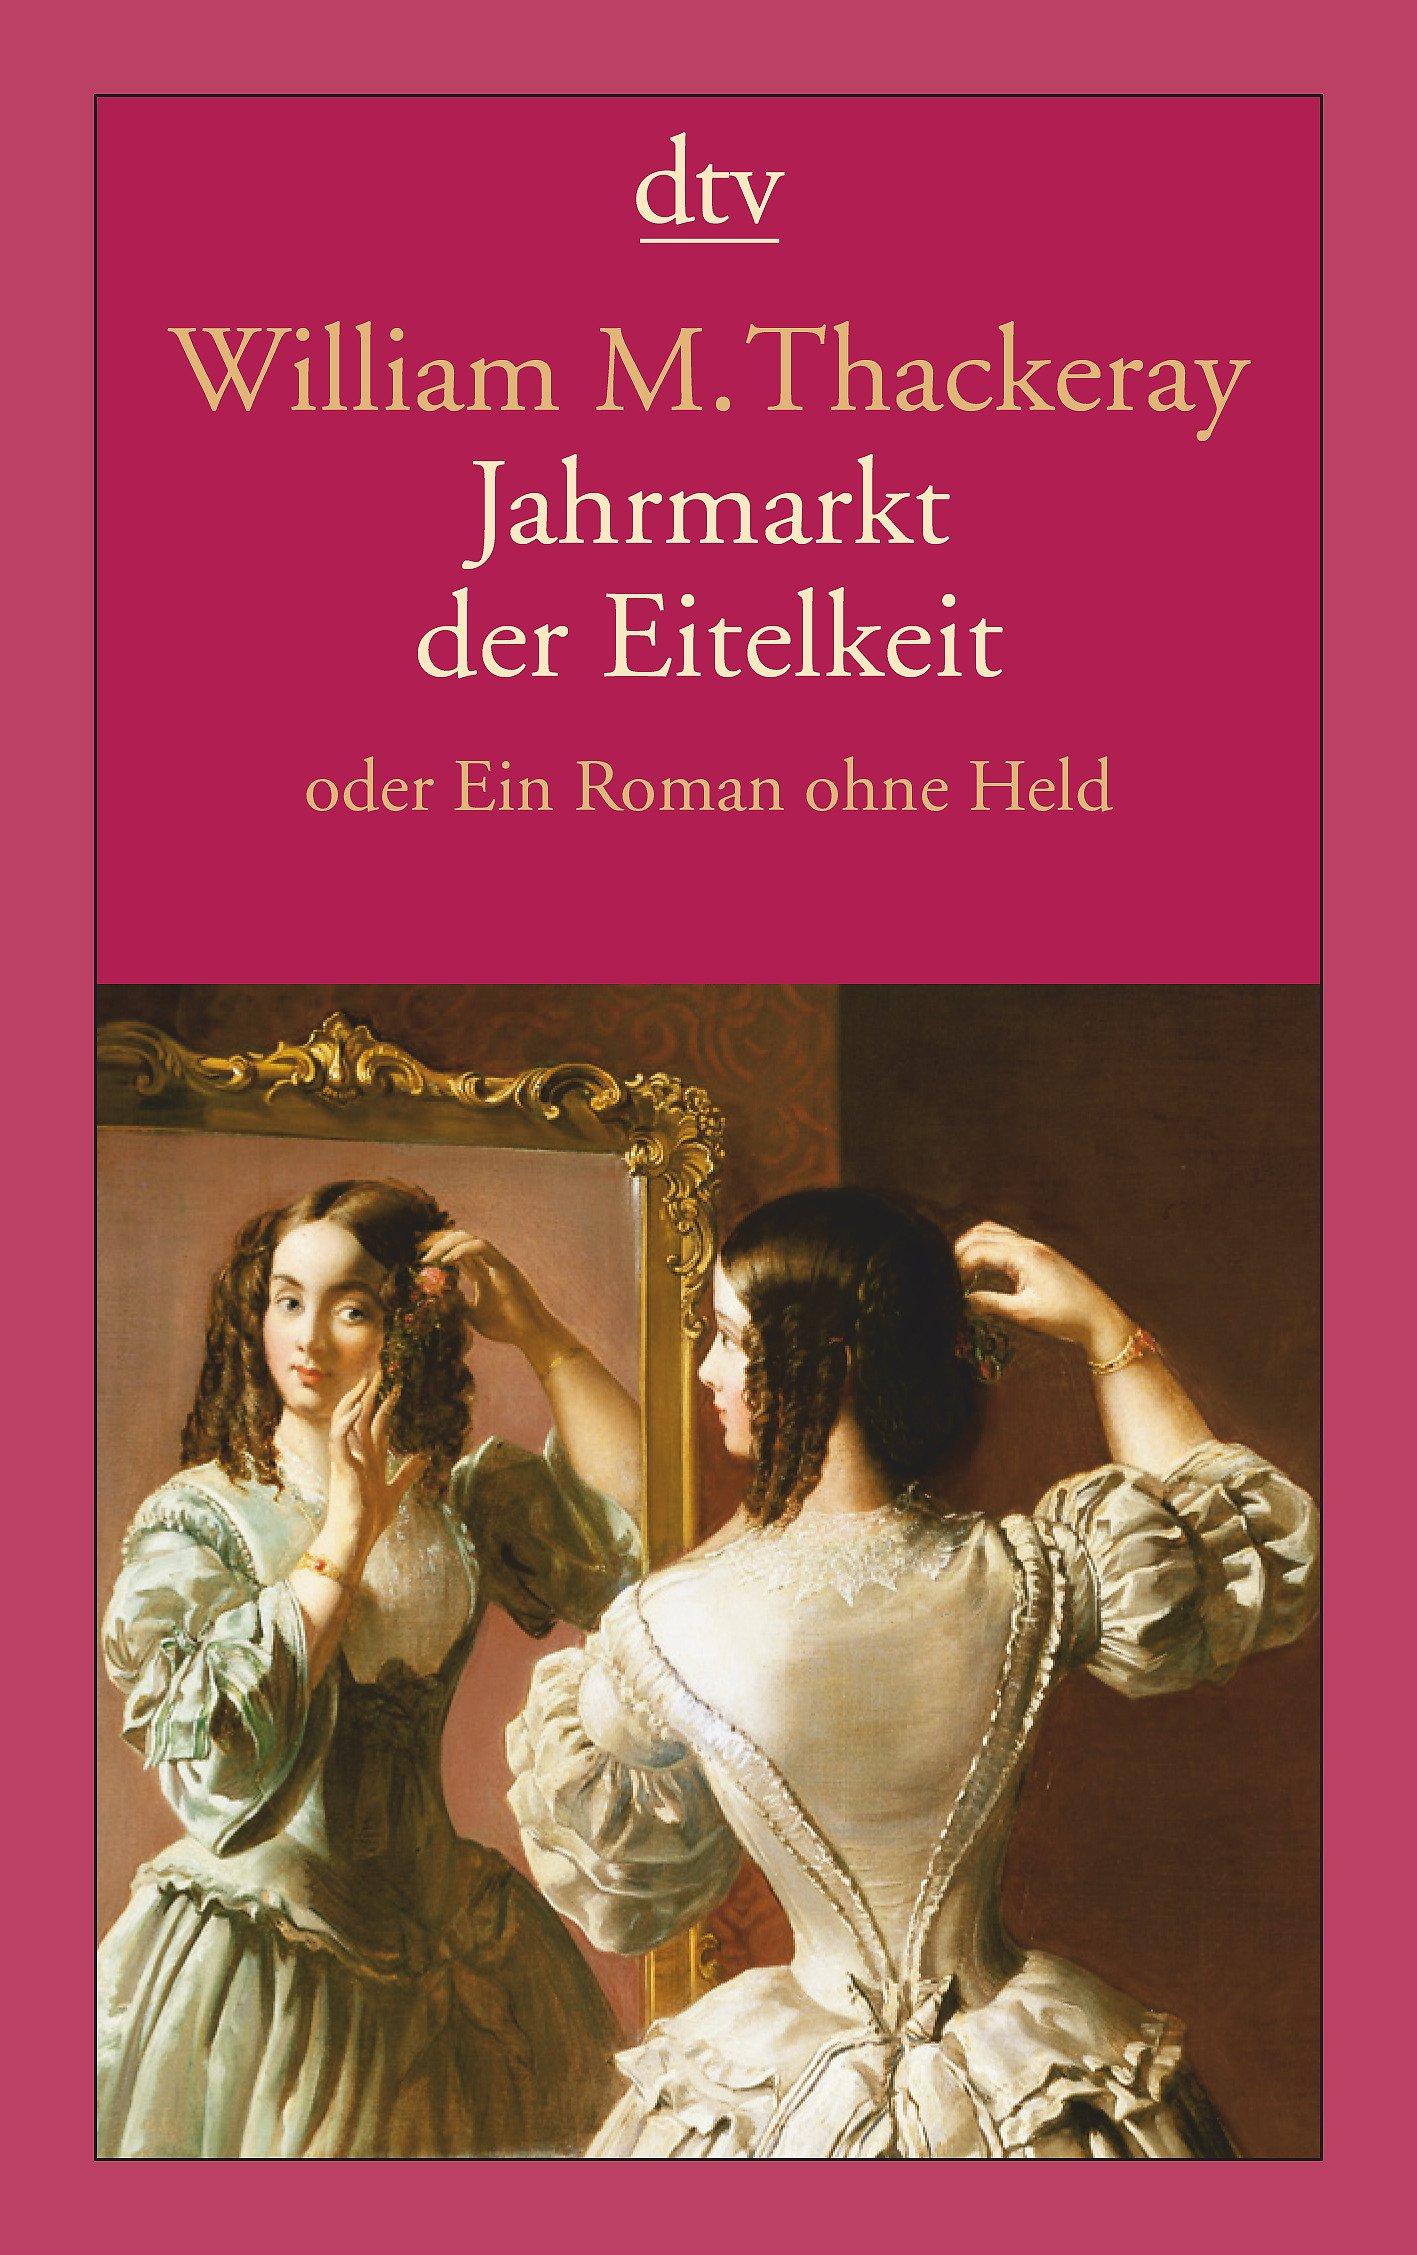 Jahrmarkt der Eitelkeit: oder Ein Roman ohne Held: Amazon.de ...